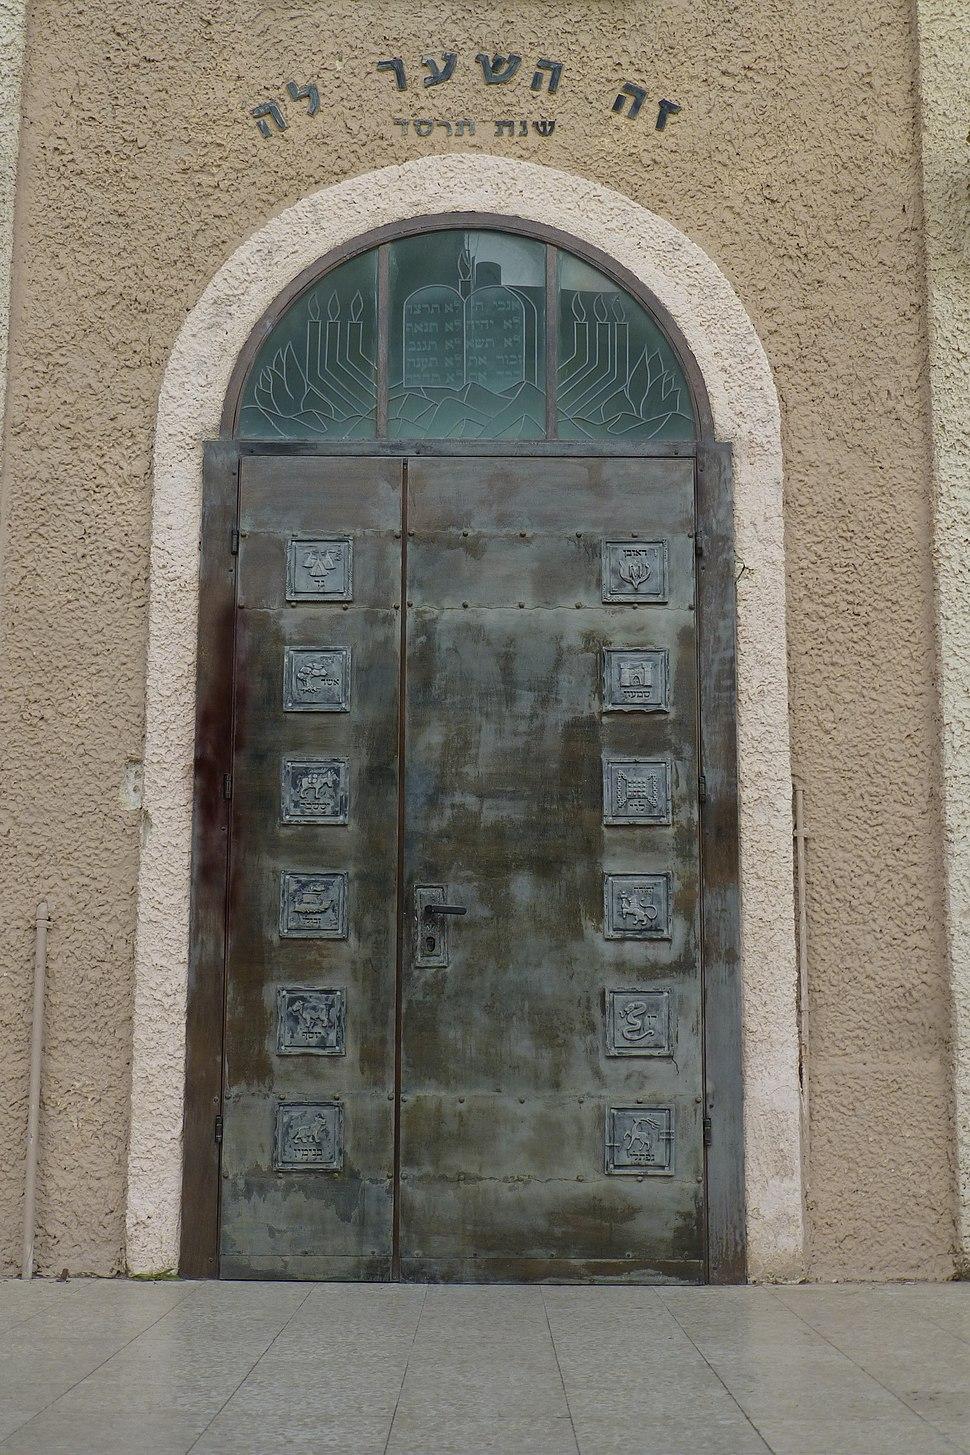 בית הכנסת - אתרי מורשת במרכז הארץ 2015 - רחובות (42)